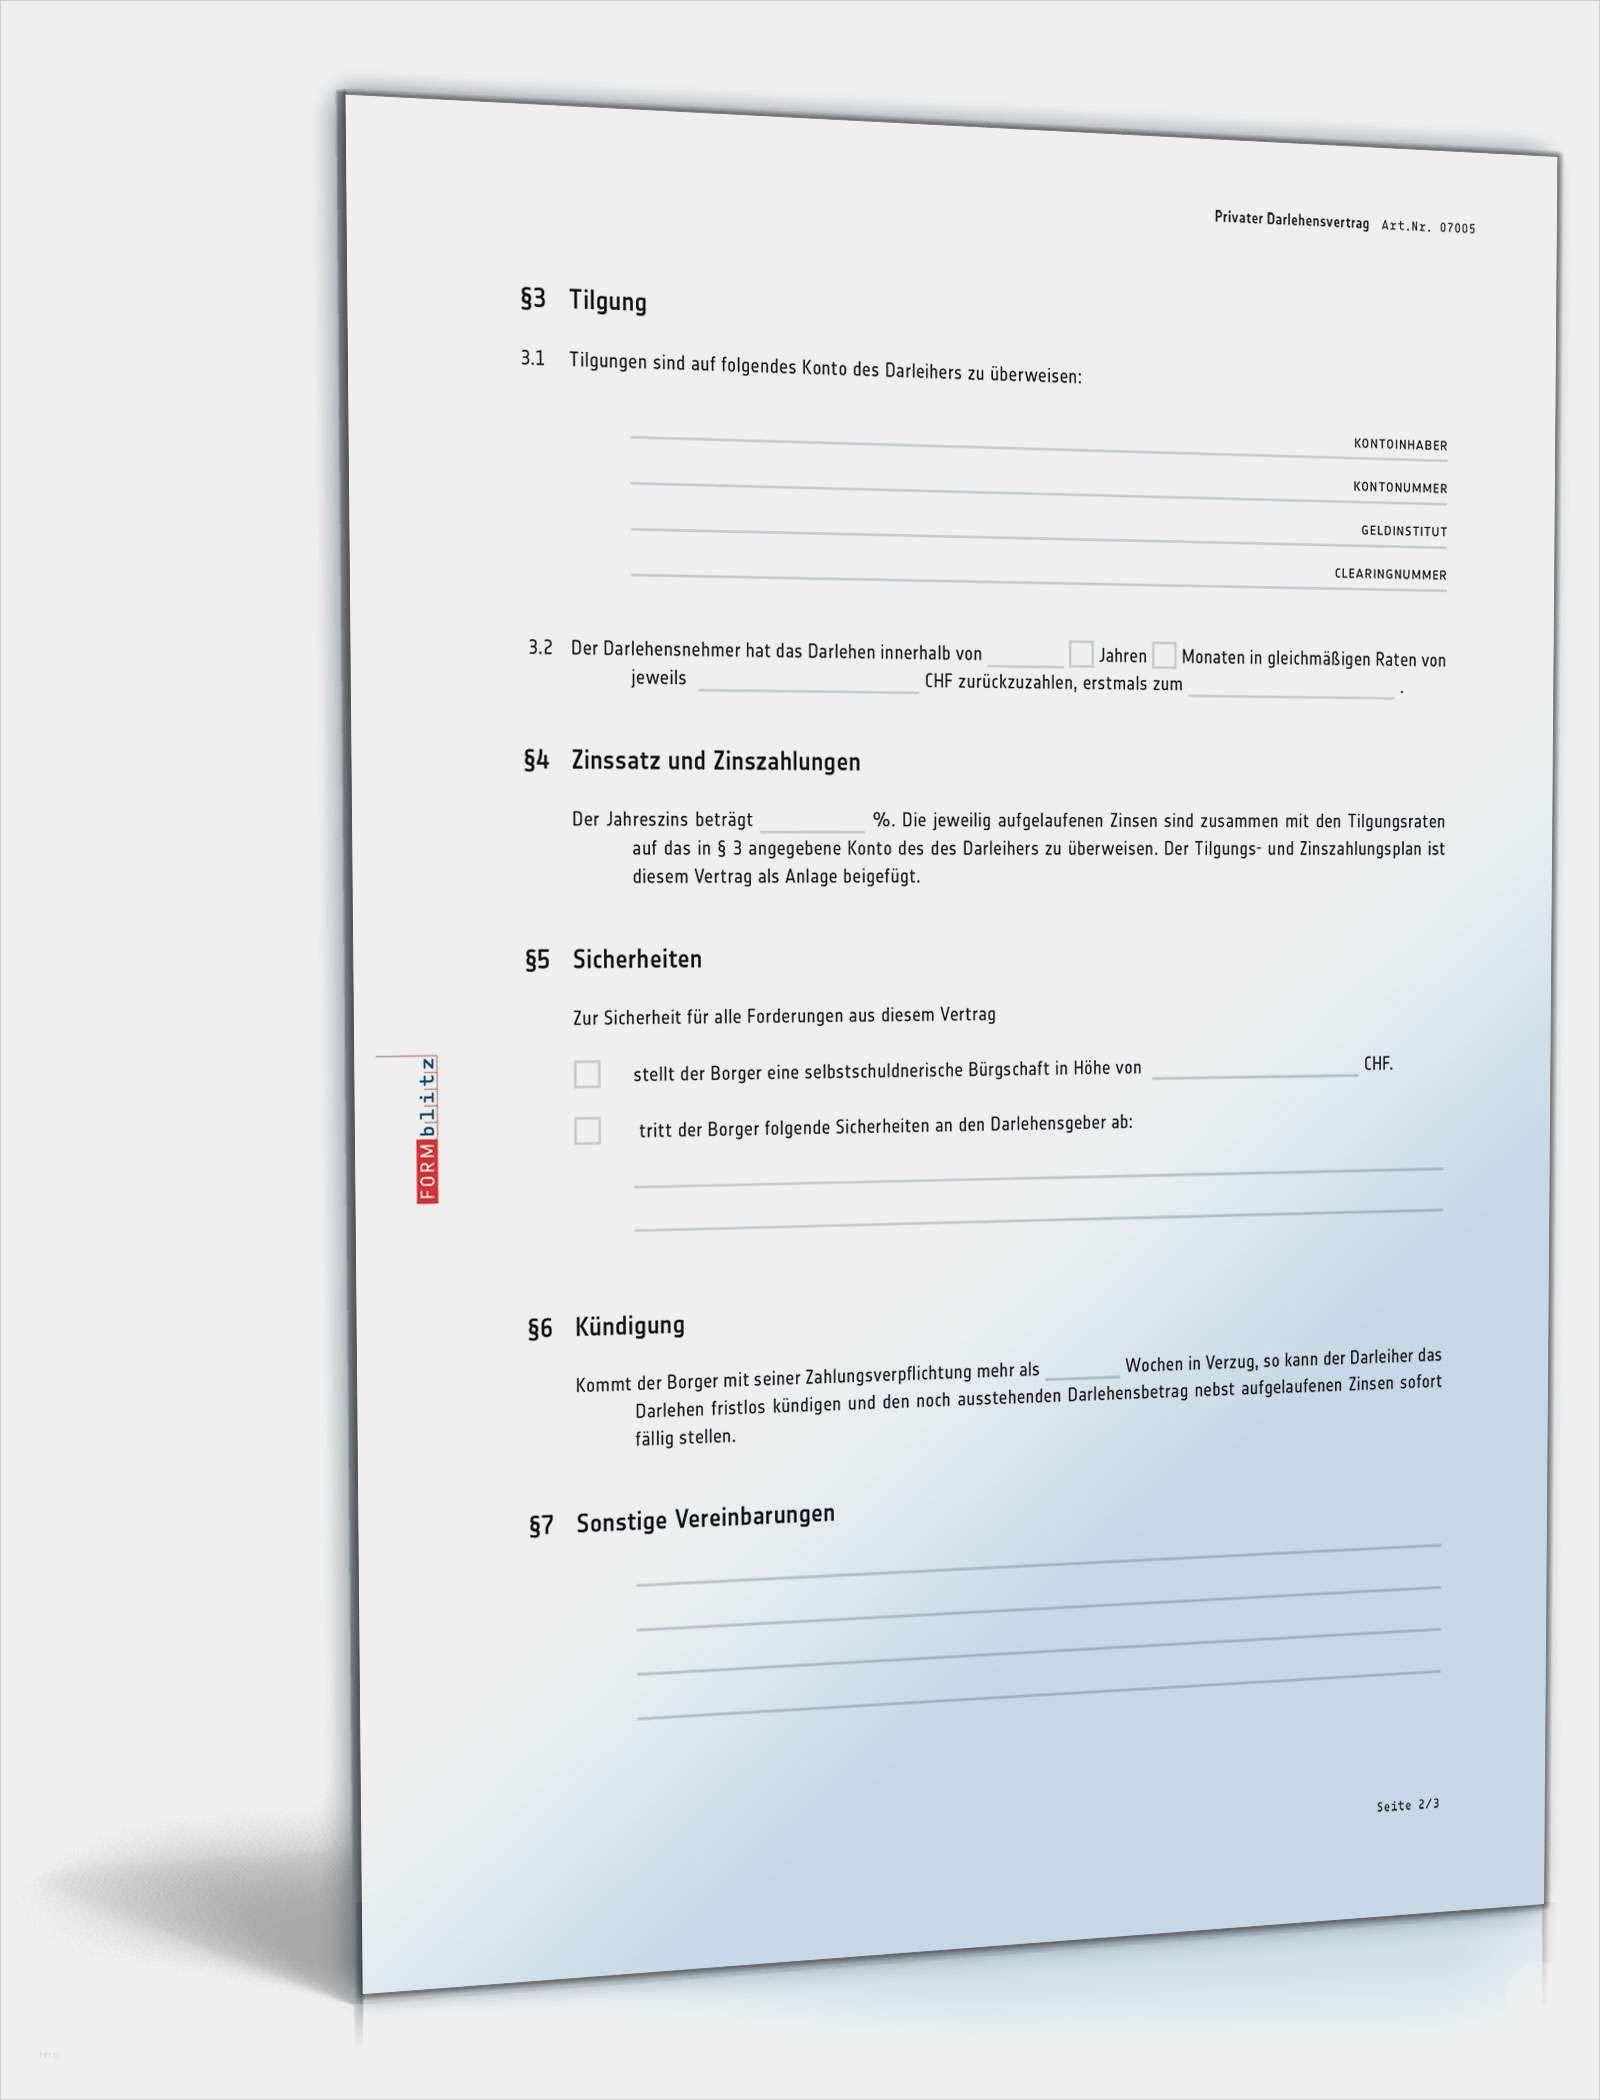 35 Luxus Geld Ausleihen Vertrag Vorlage Bilder In 2020 Vorlagen Word Vorlagen Geschaftsbrief Vorlage